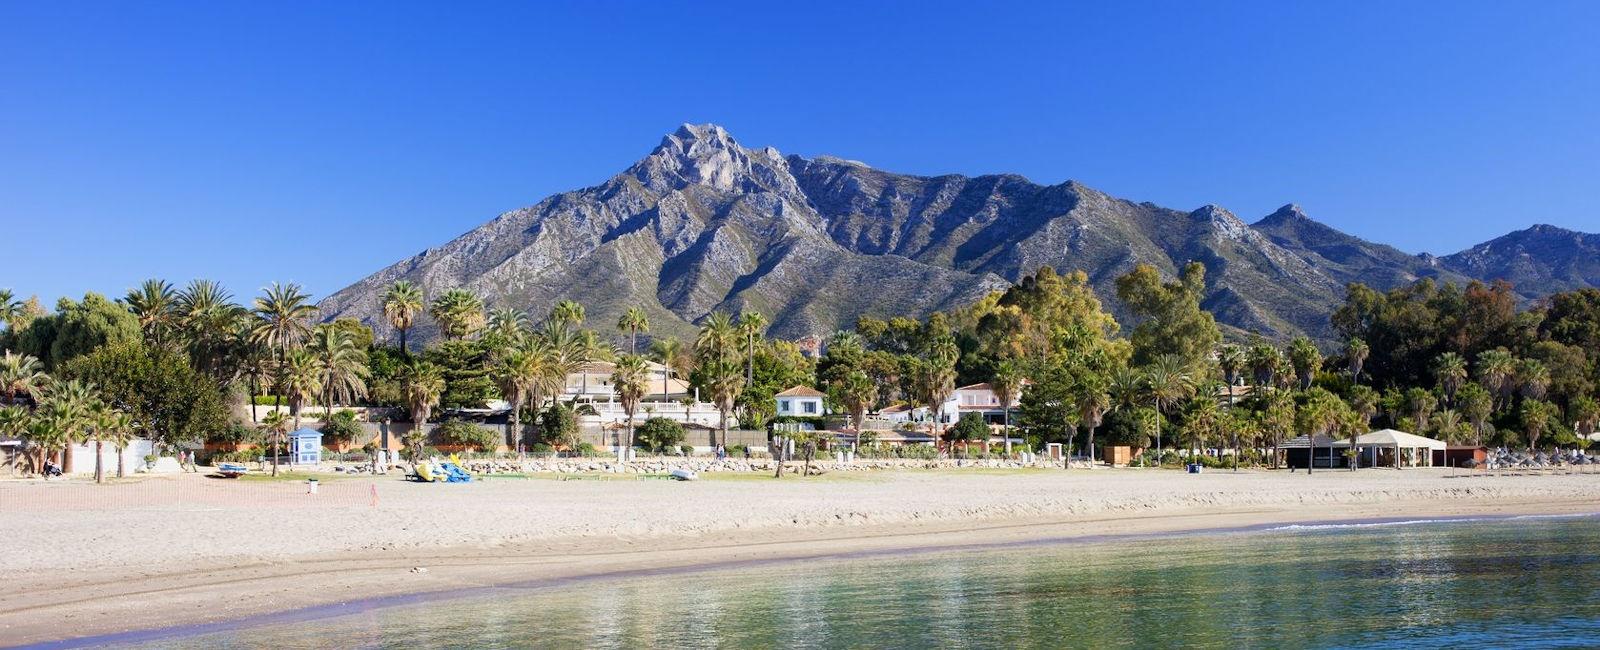 Luxury Marbella Holidays